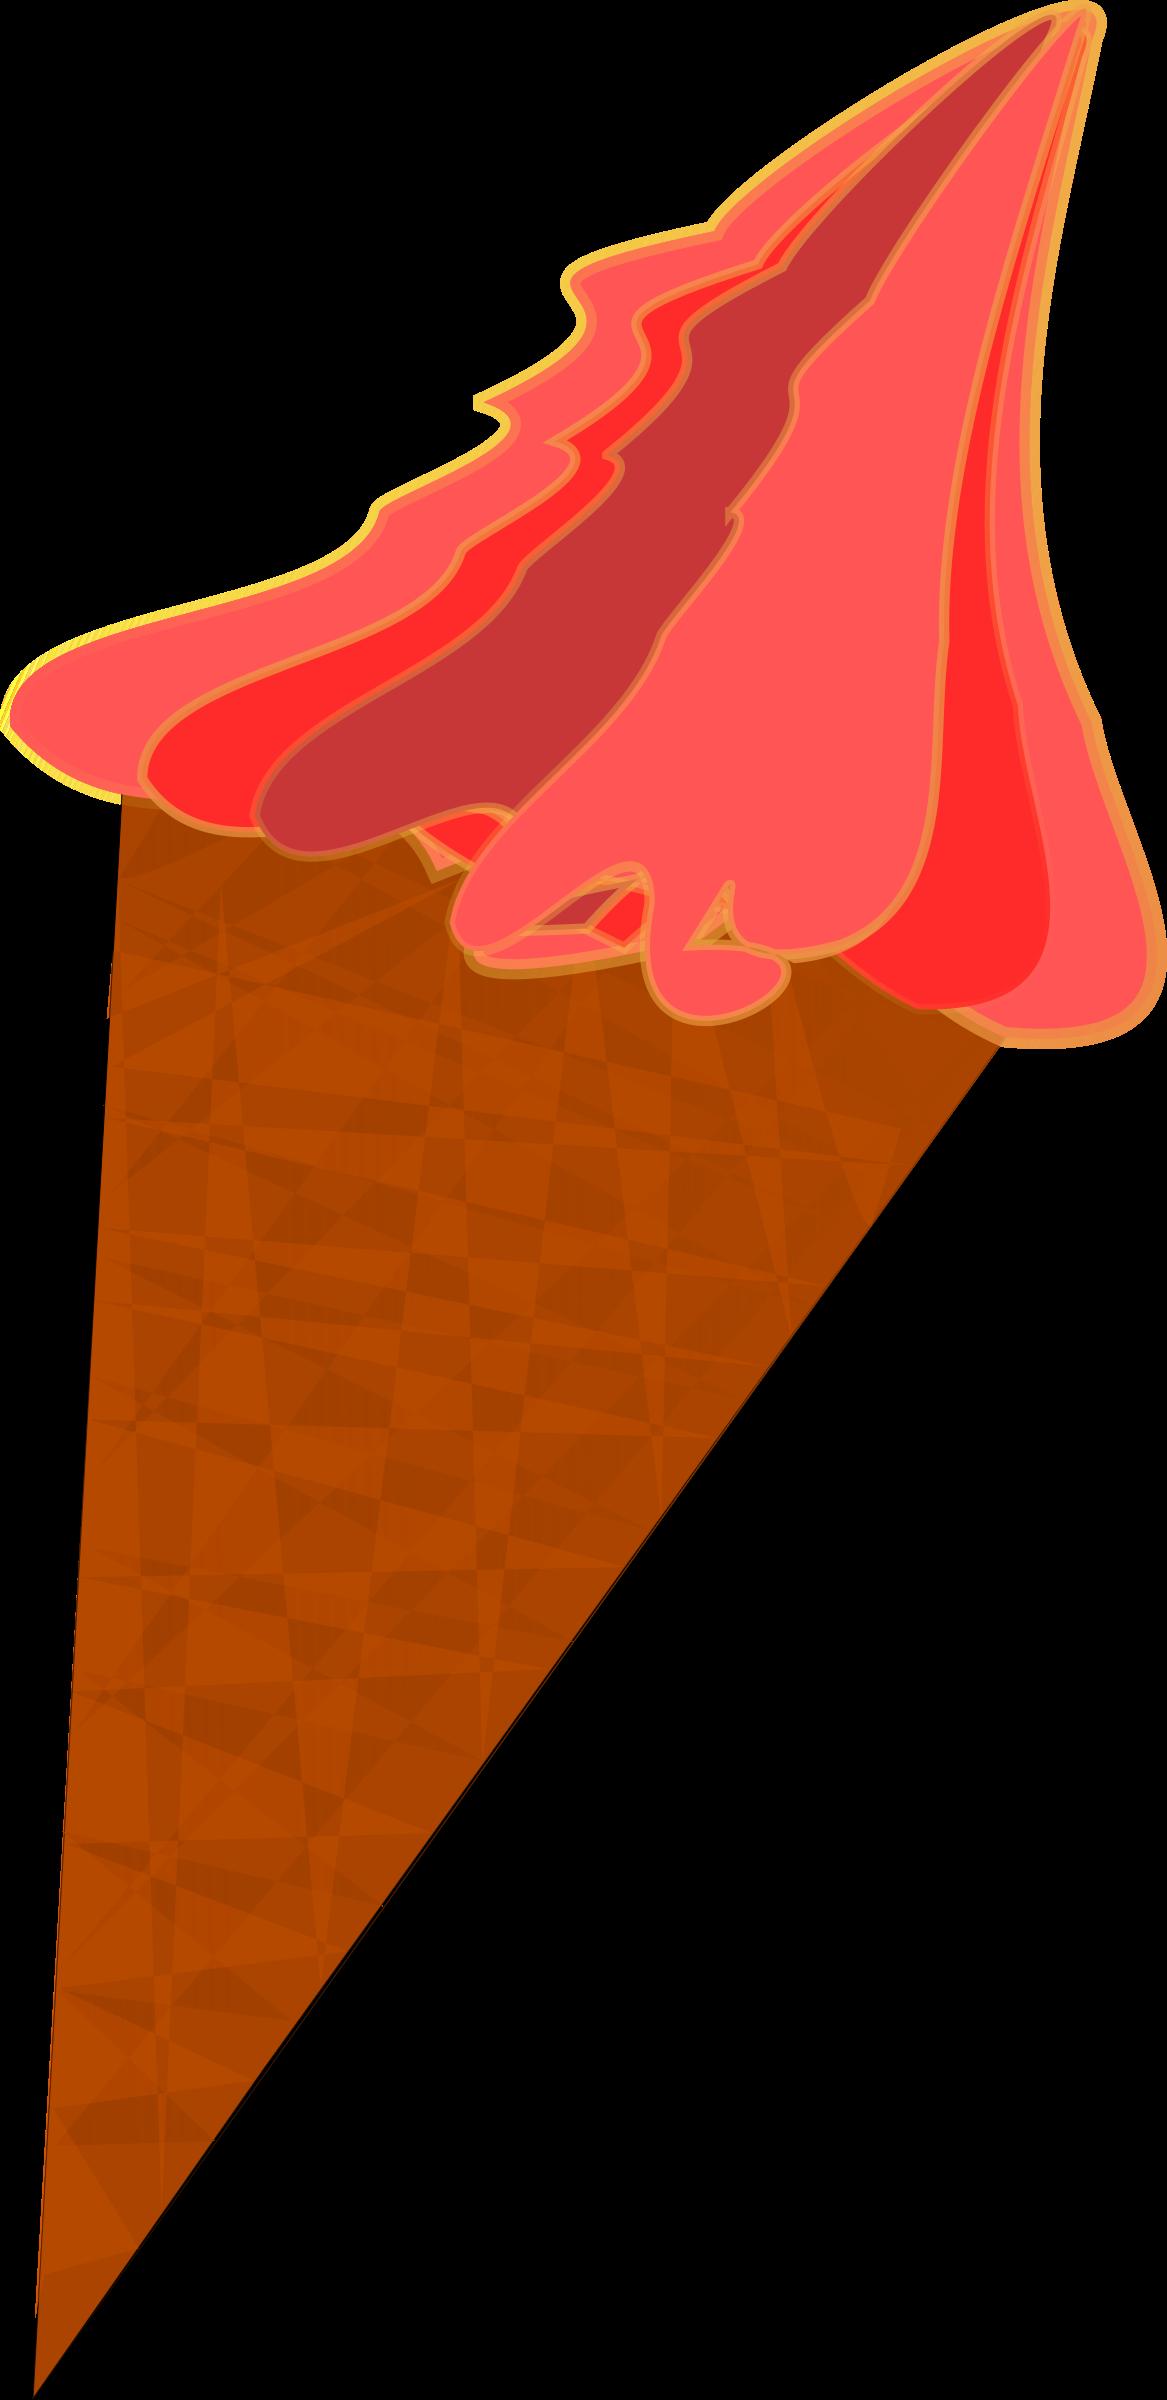 Icecream clipart red. Wild berry ice cream